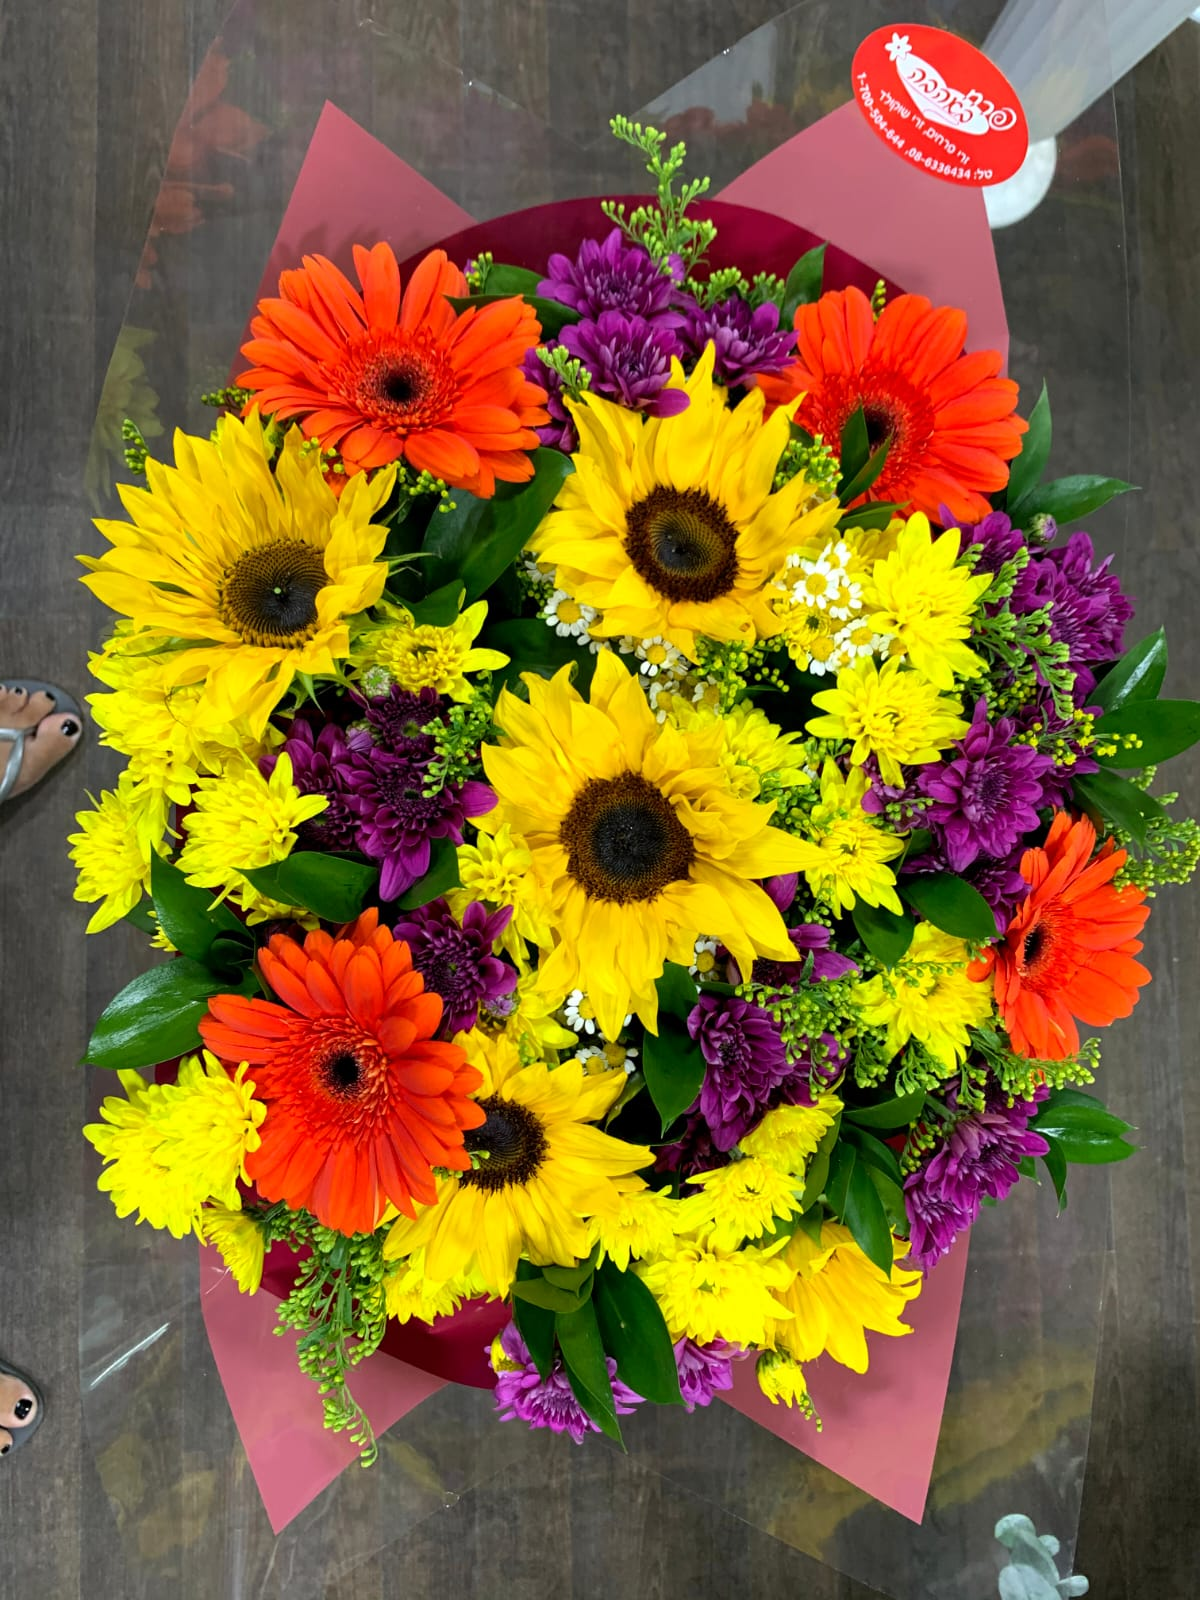 צבעוני בעיניים - פרח באהבה - אילת